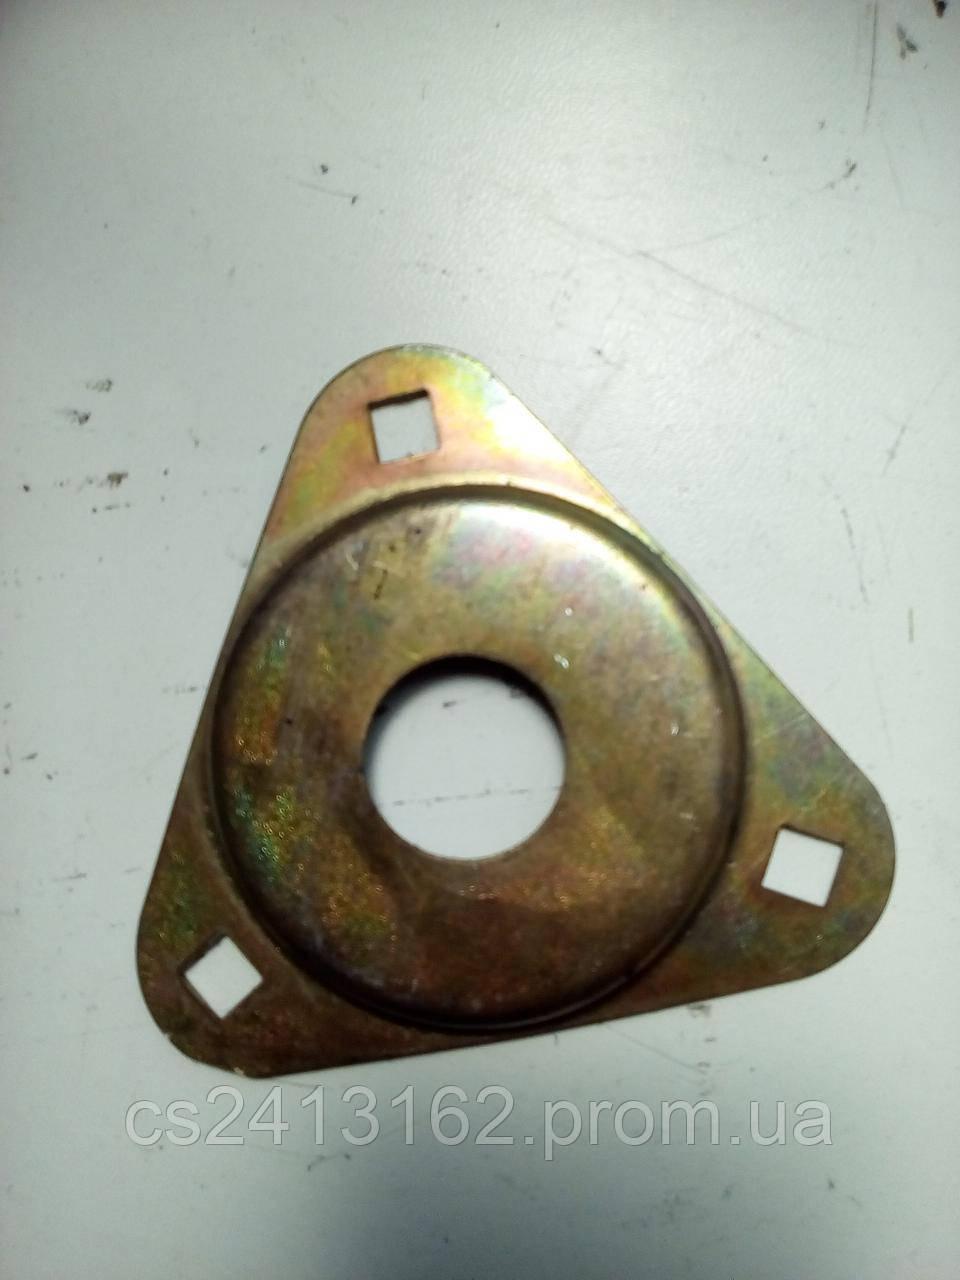 Крышка пыльник корпуса подшипника 1680204 А54-43757\Н.166.202